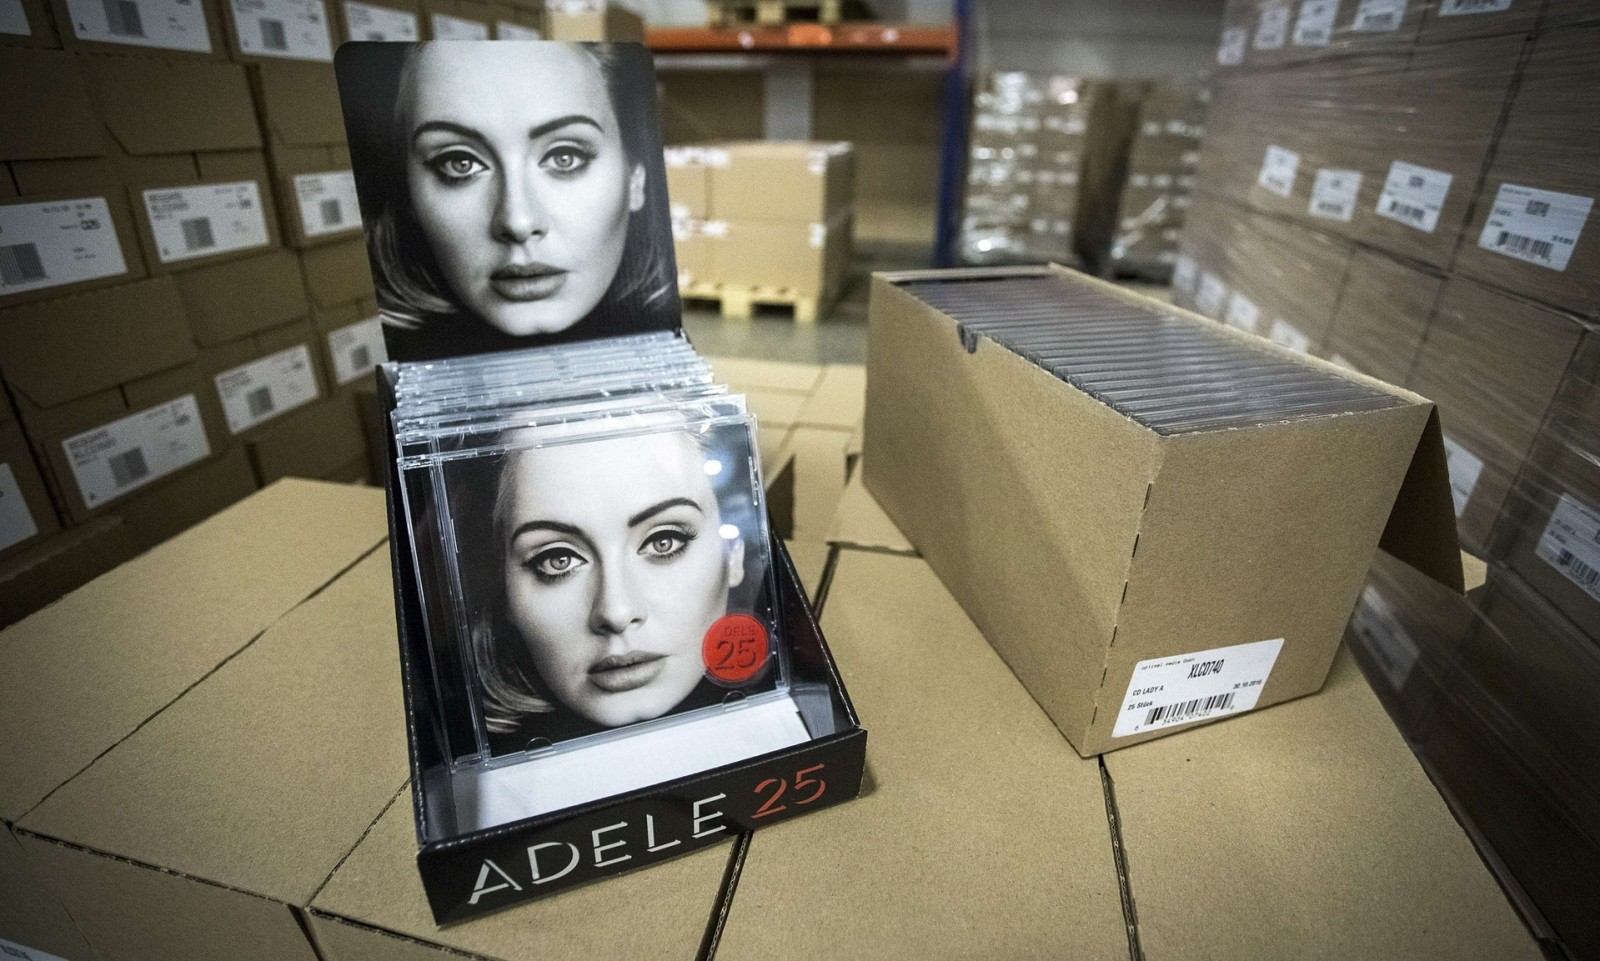 Adele's new album is doing okay